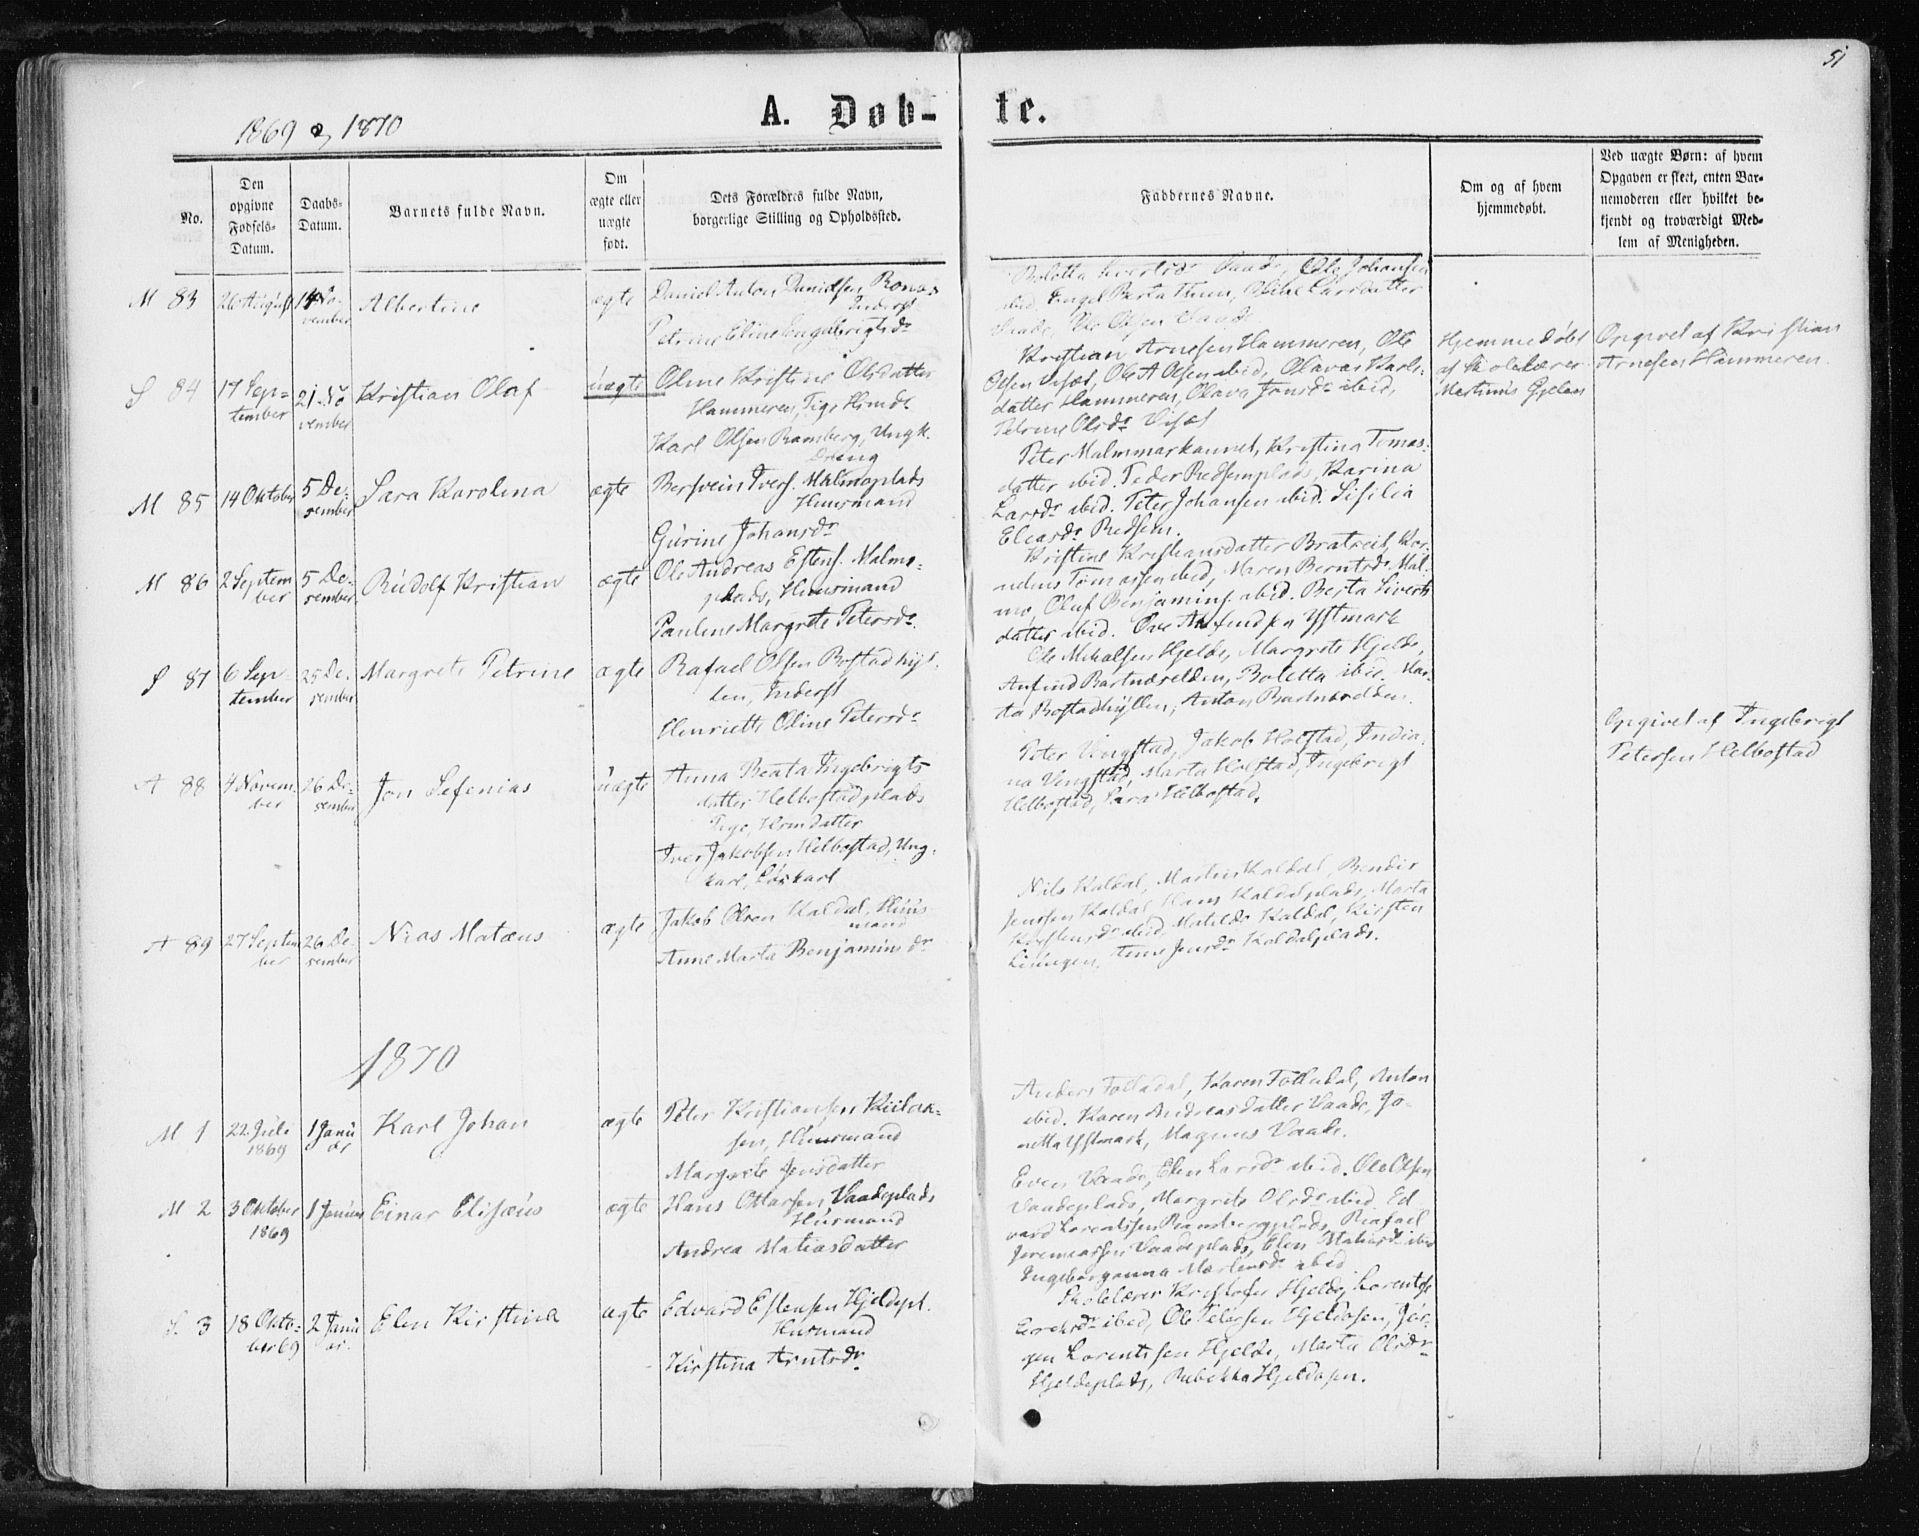 SAT, Ministerialprotokoller, klokkerbøker og fødselsregistre - Nord-Trøndelag, 741/L0394: Ministerialbok nr. 741A08, 1864-1877, s. 51